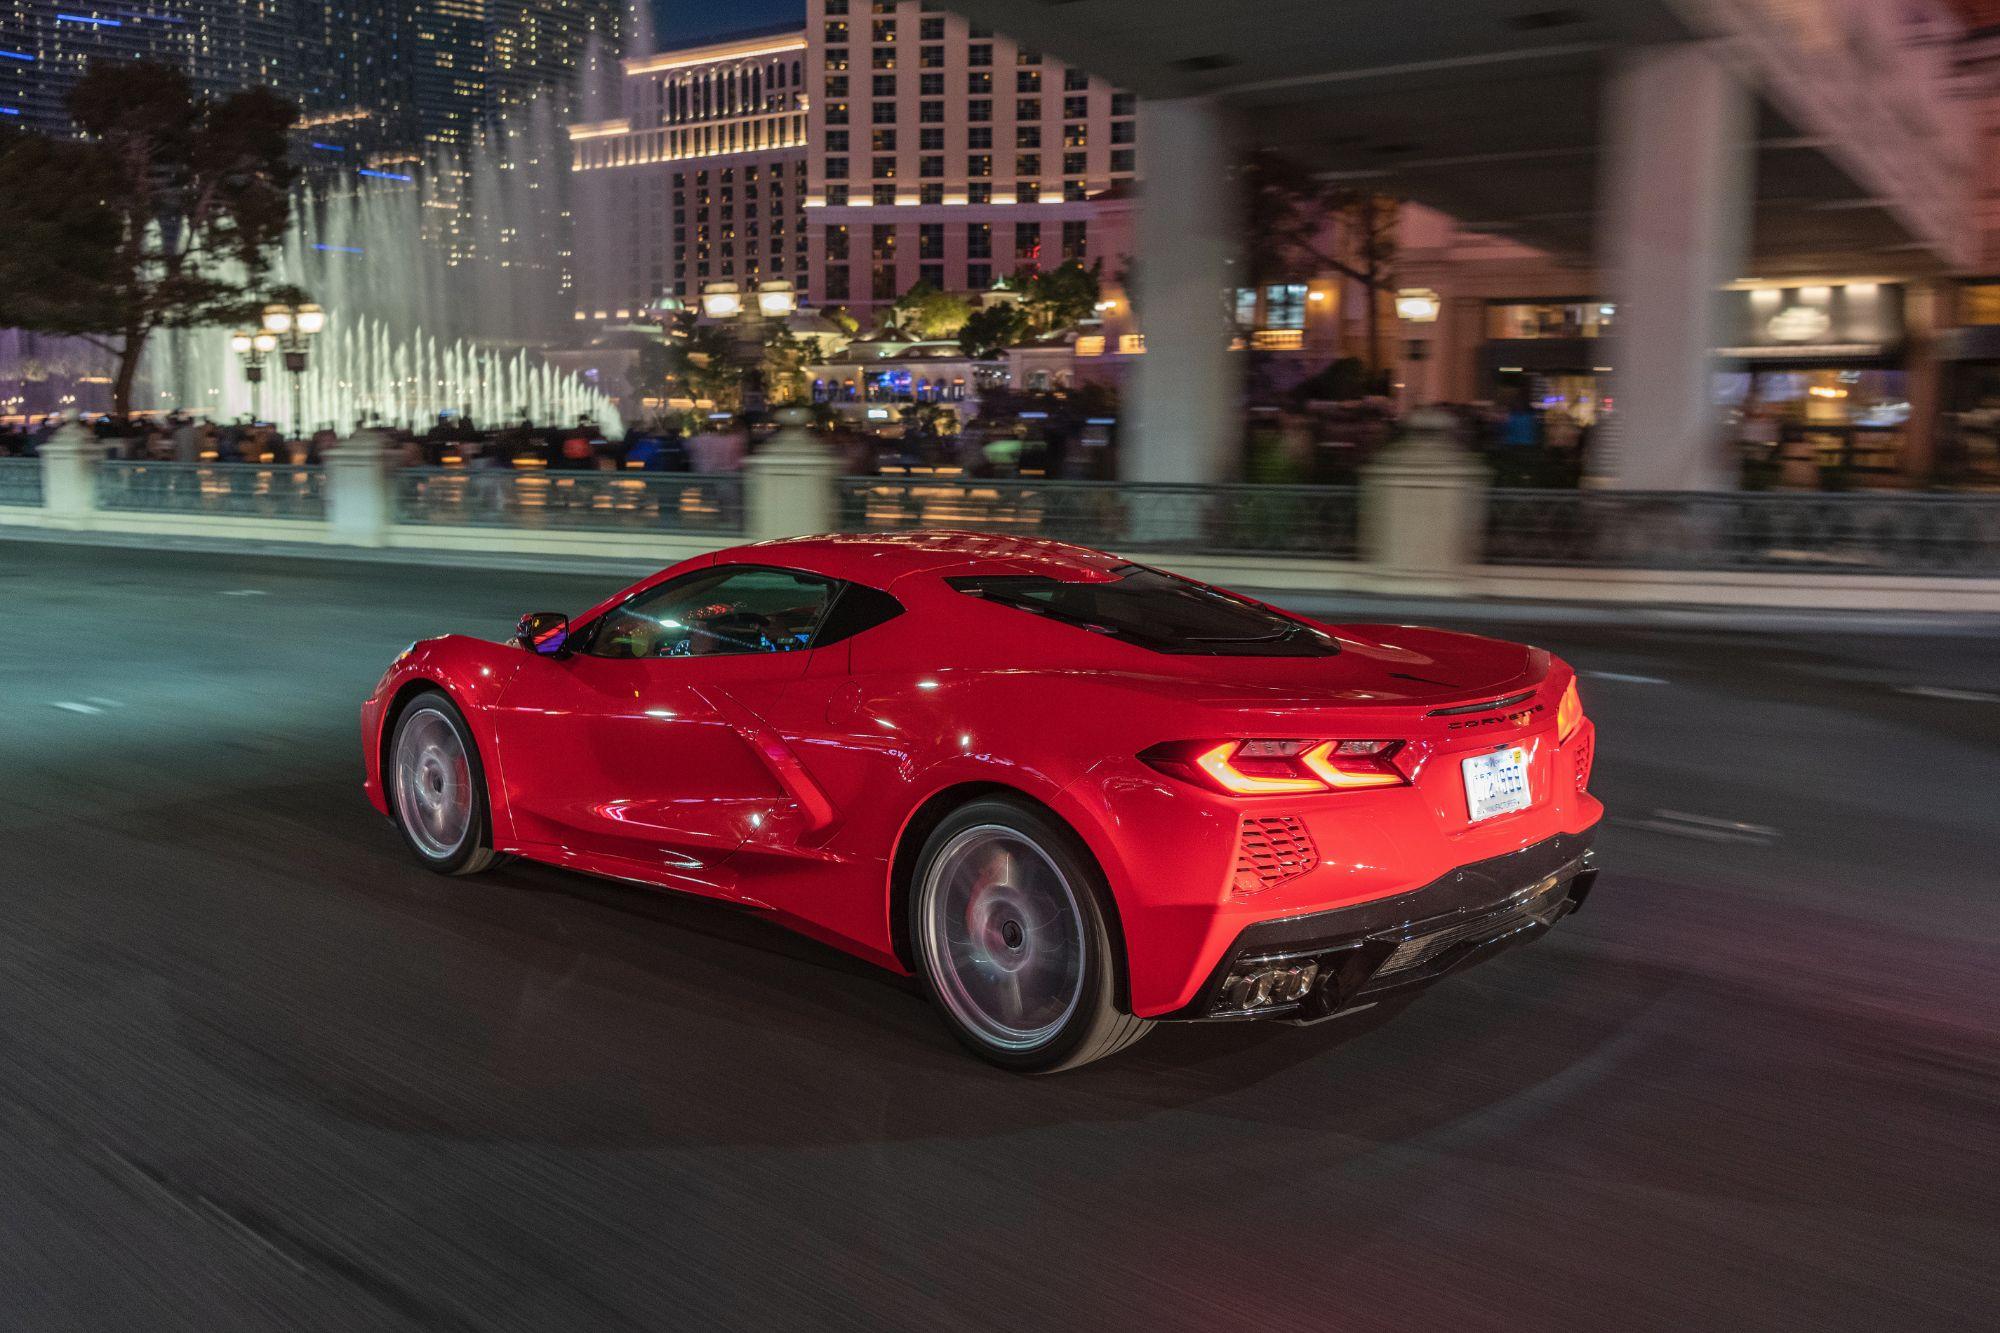 2020-Chevrolet-Corvette-Stingray-260